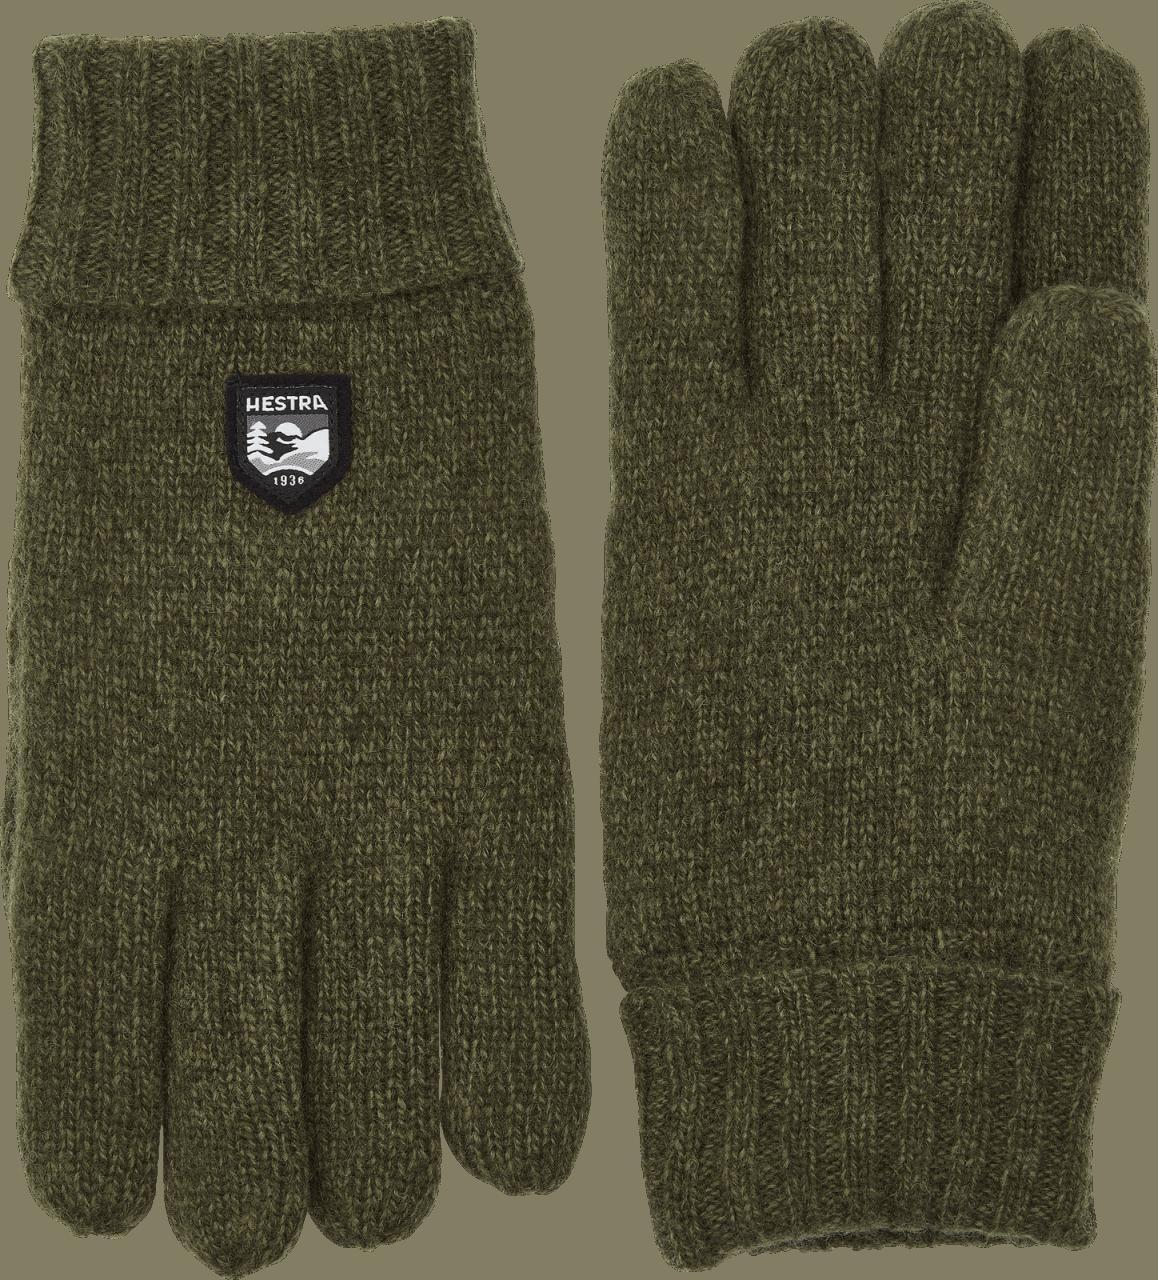 Hestra Basic Wool - Olive